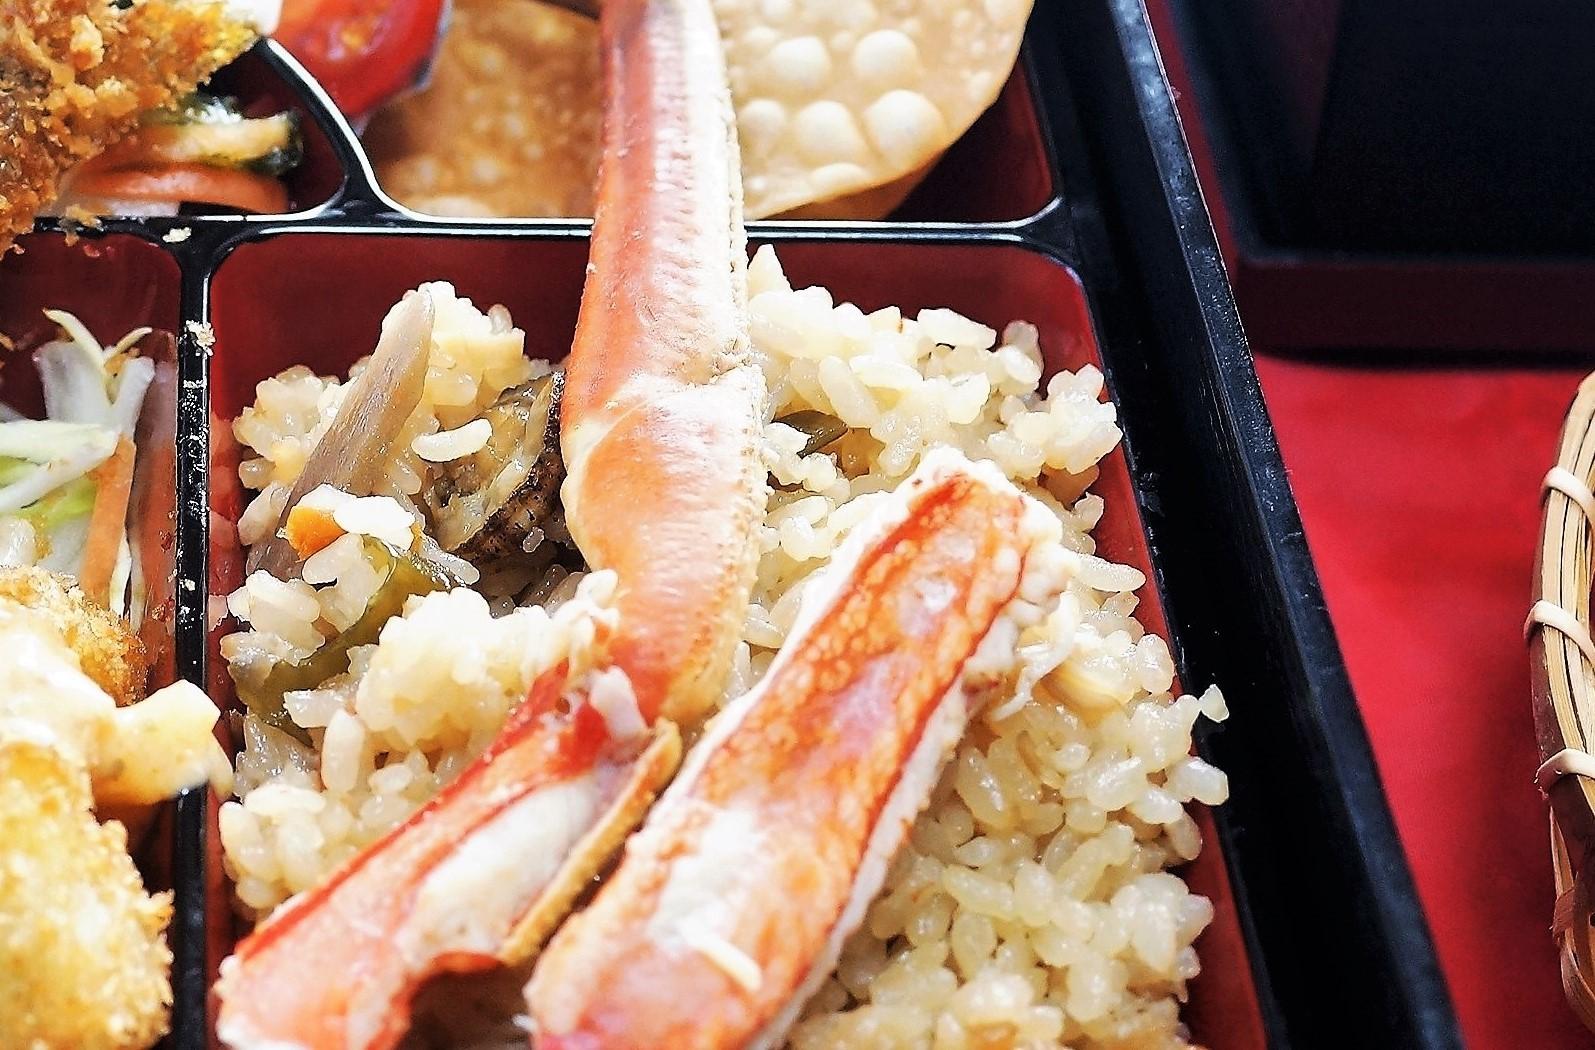 ■おもてなし料理【クリスマスケータリング②蟹と帆立バターの炊き込みご飯/ポテトパイ】_b0033423_19561982.jpg